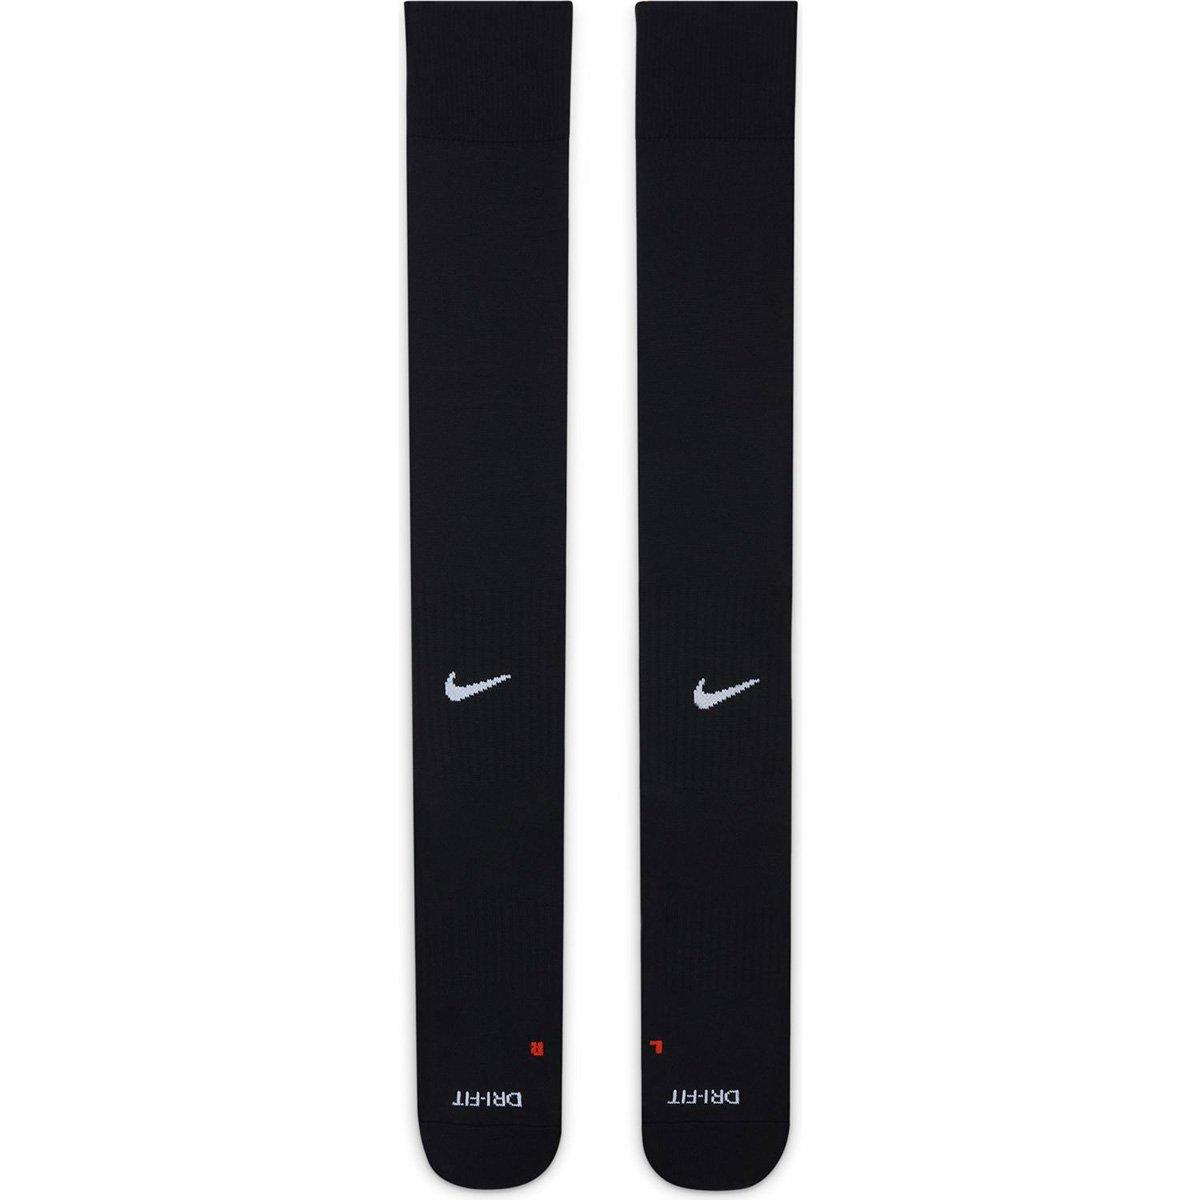 Meião Nike Classic Football Dri-FIT - Tam: G - 4